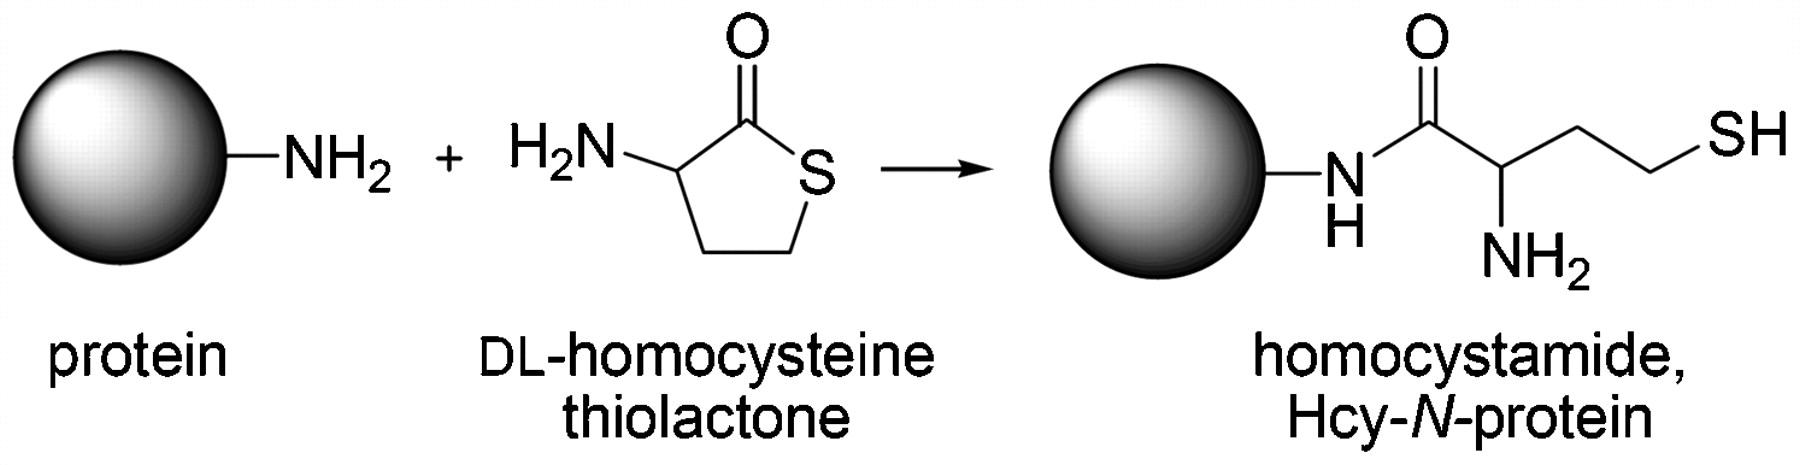 Прикрепление гомоцистеина к белкам